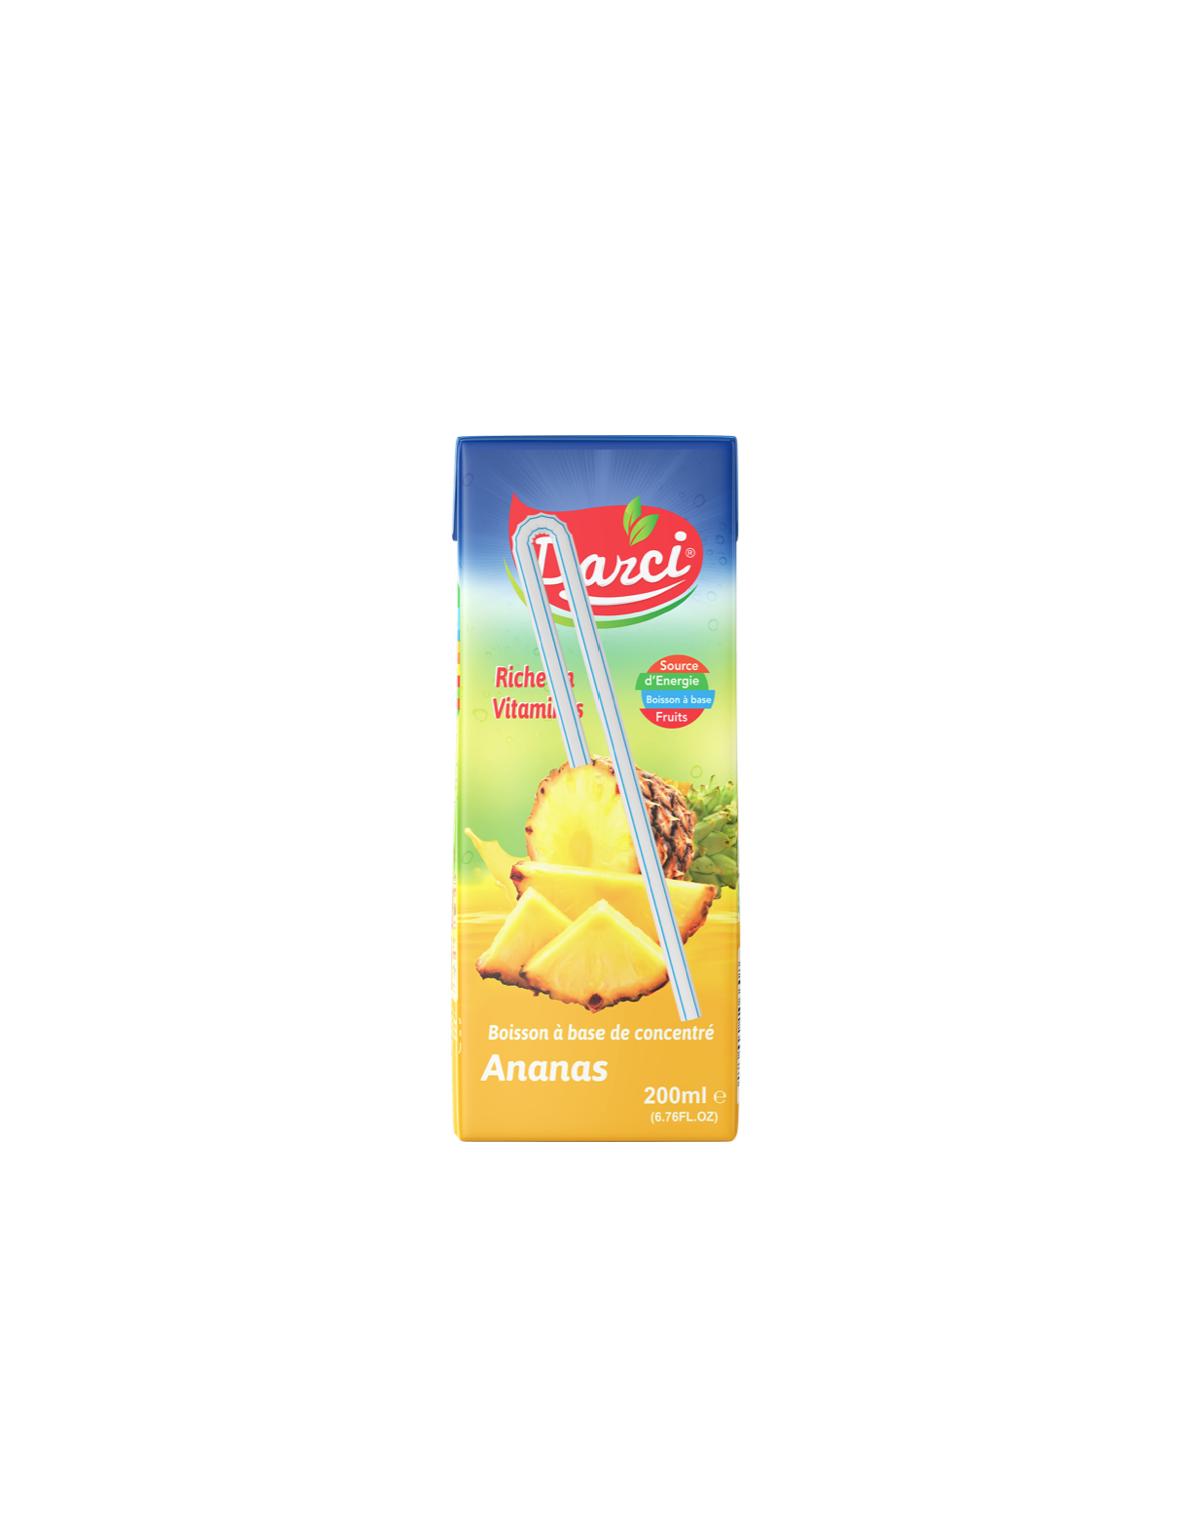 Boisson-DARCI-Ananas-200ml_siprochim